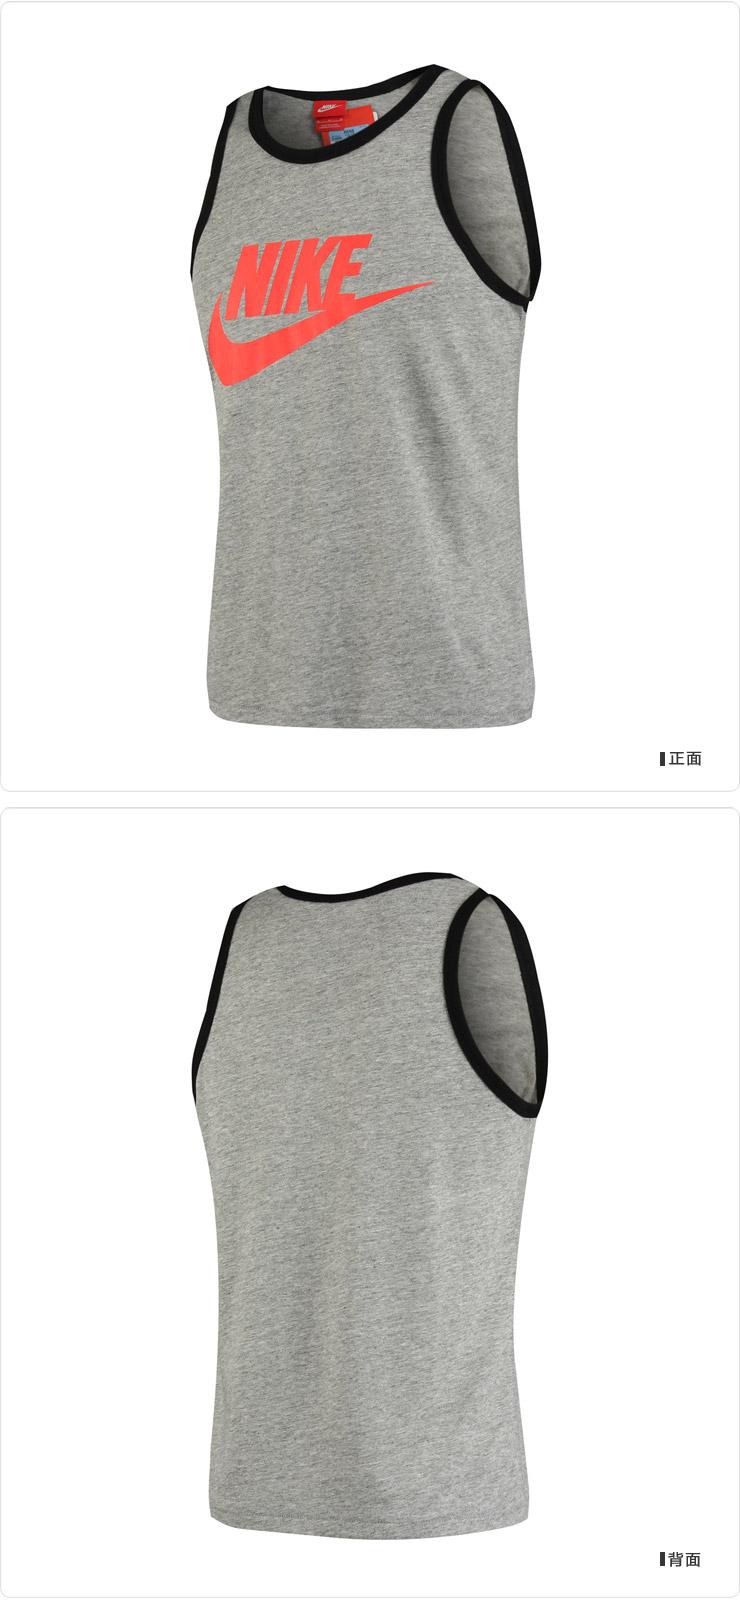 耐克nike 生活logo款针织背心男装运动服576606-064